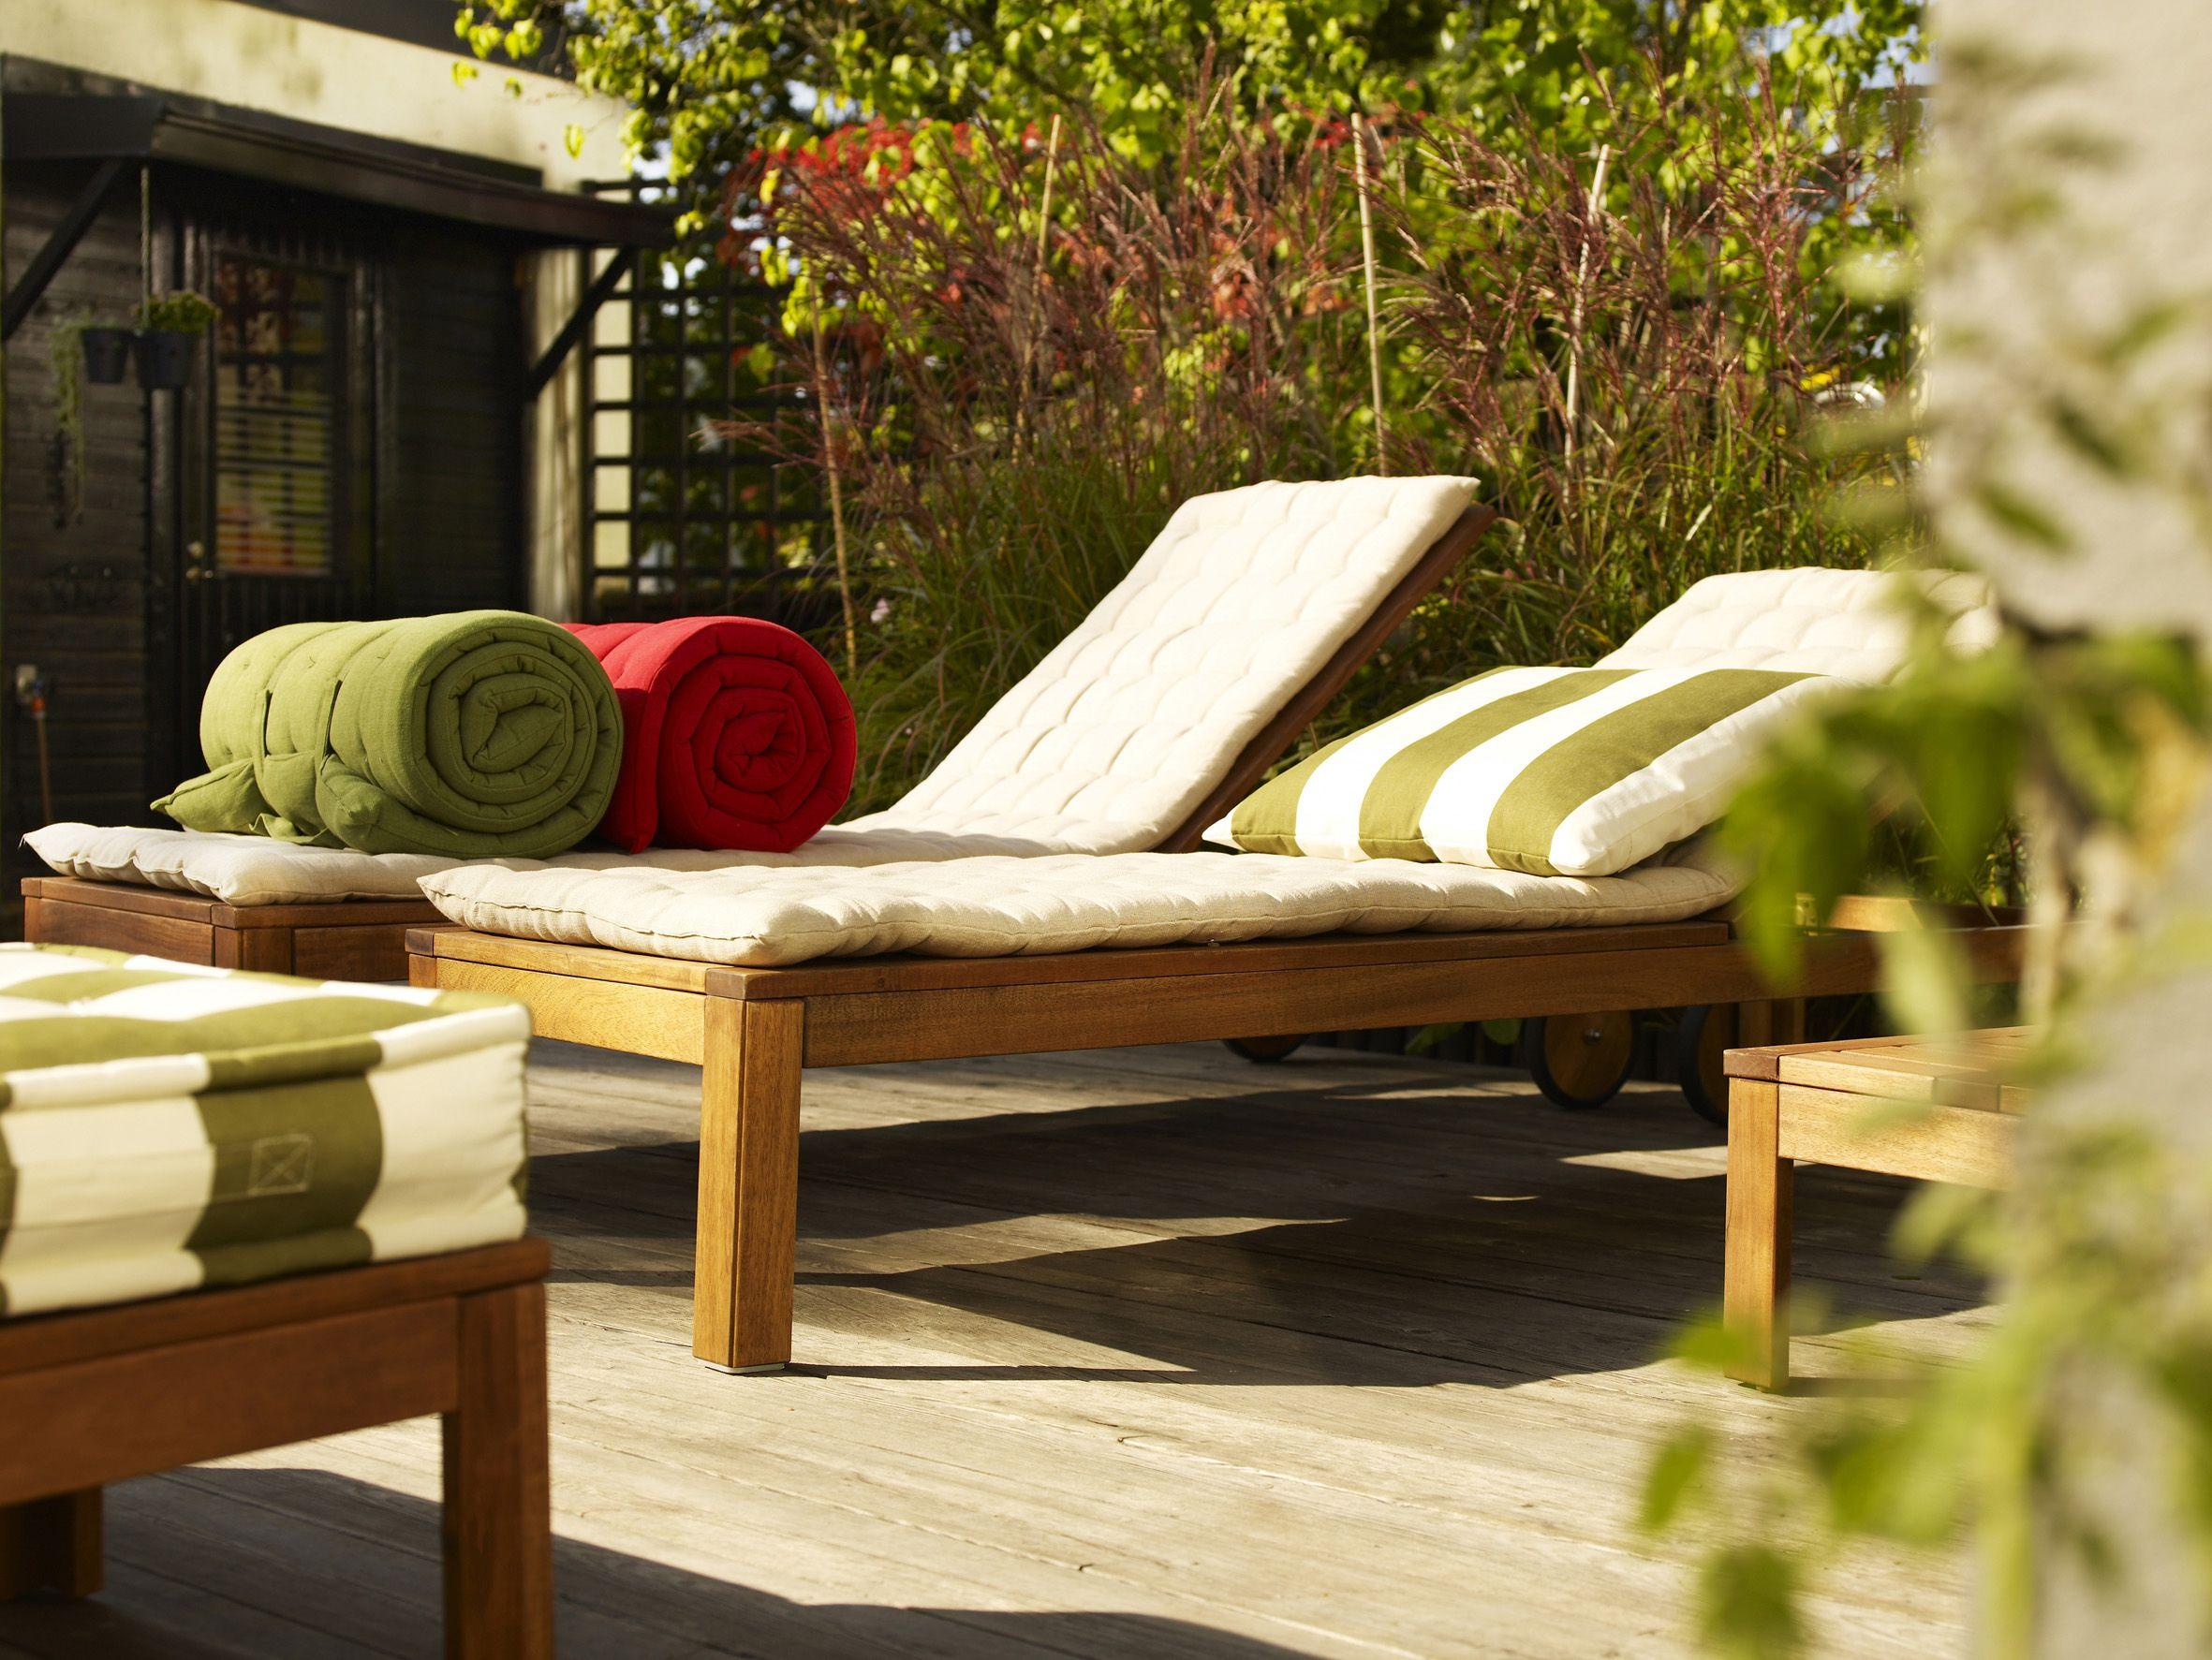 Sonnenliege holz ikea  IKEA Äpplarö Gartenliege | Garten | Pinterest | Gartenideen, DIY und ...